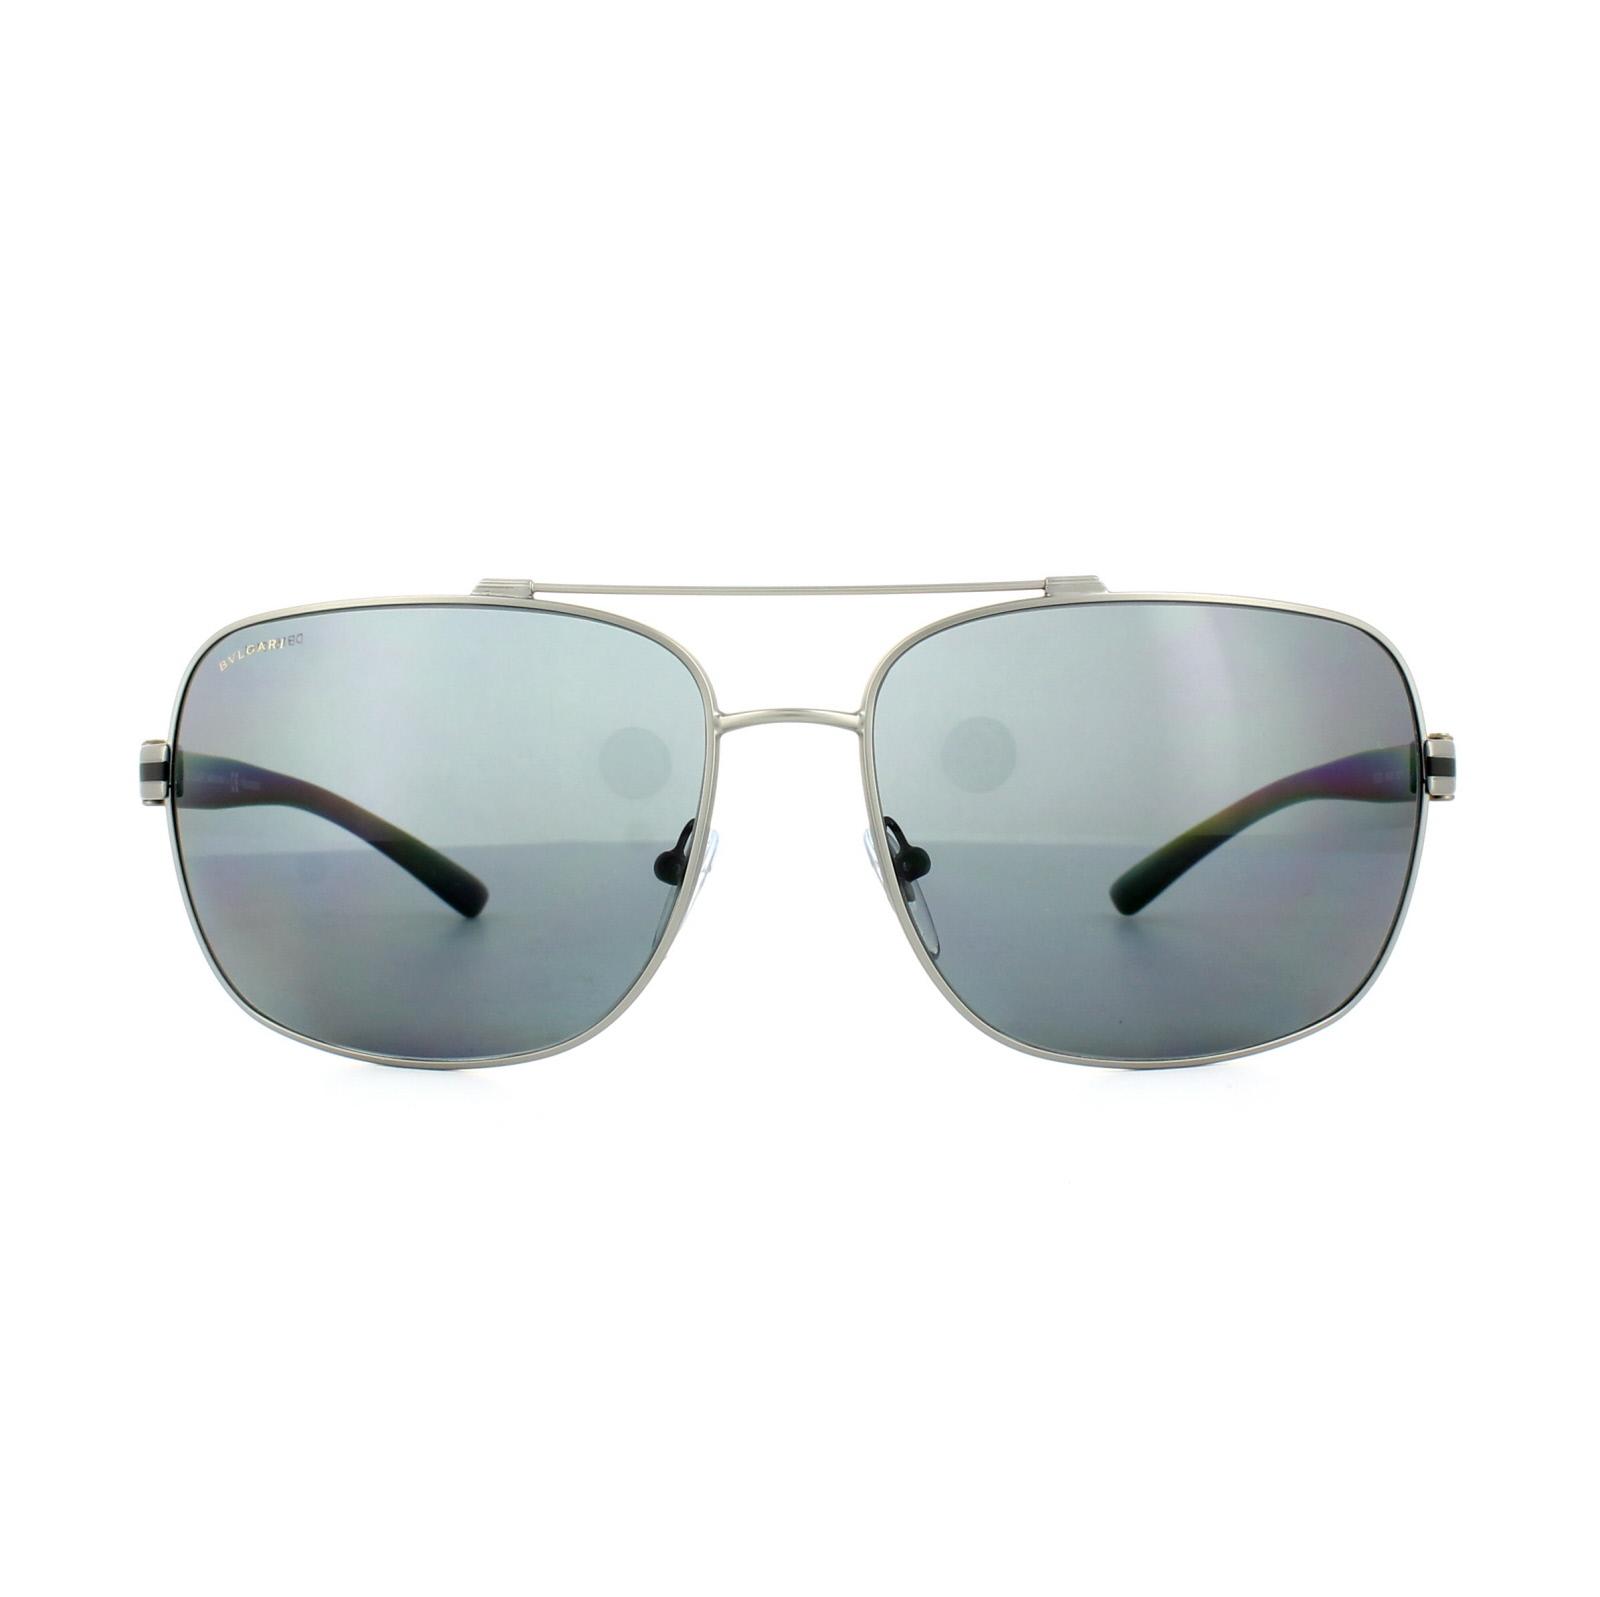 280d387114e Bvlgari 5038 Sunglasses Thumbnail 1 Bvlgari 5038 Sunglasses Thumbnail 2 ...